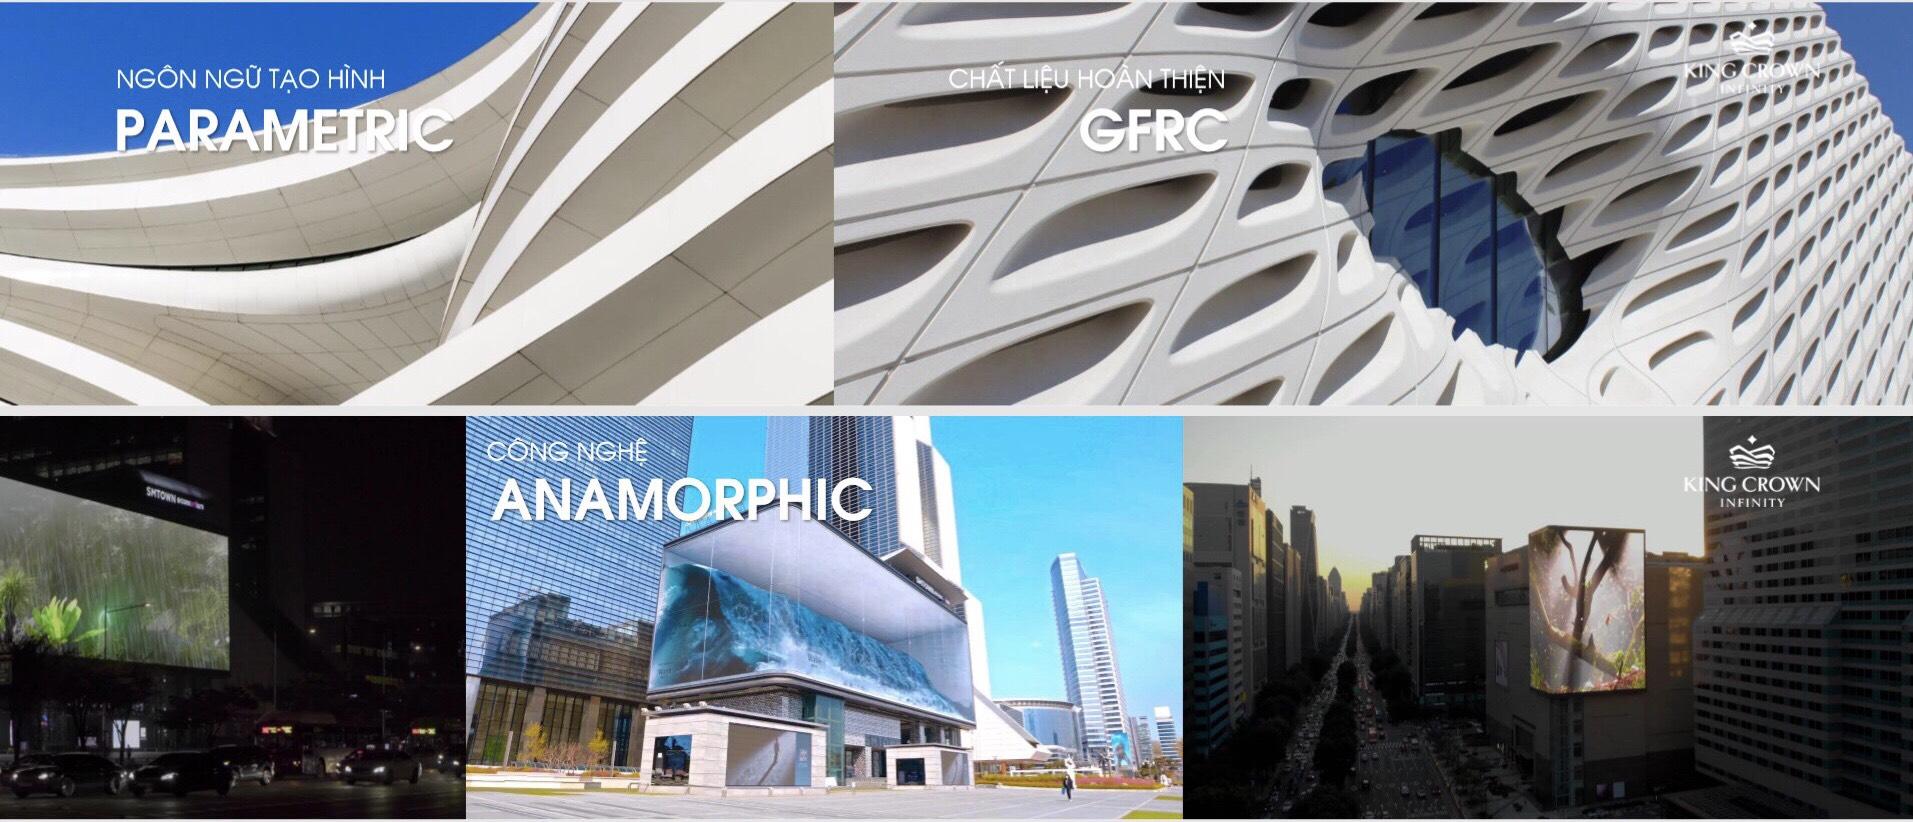 Vật liệu xây dựng, vật liệu bàn giao hàng đầu thế giới. Công nghệ dẫn đầu xu hướng